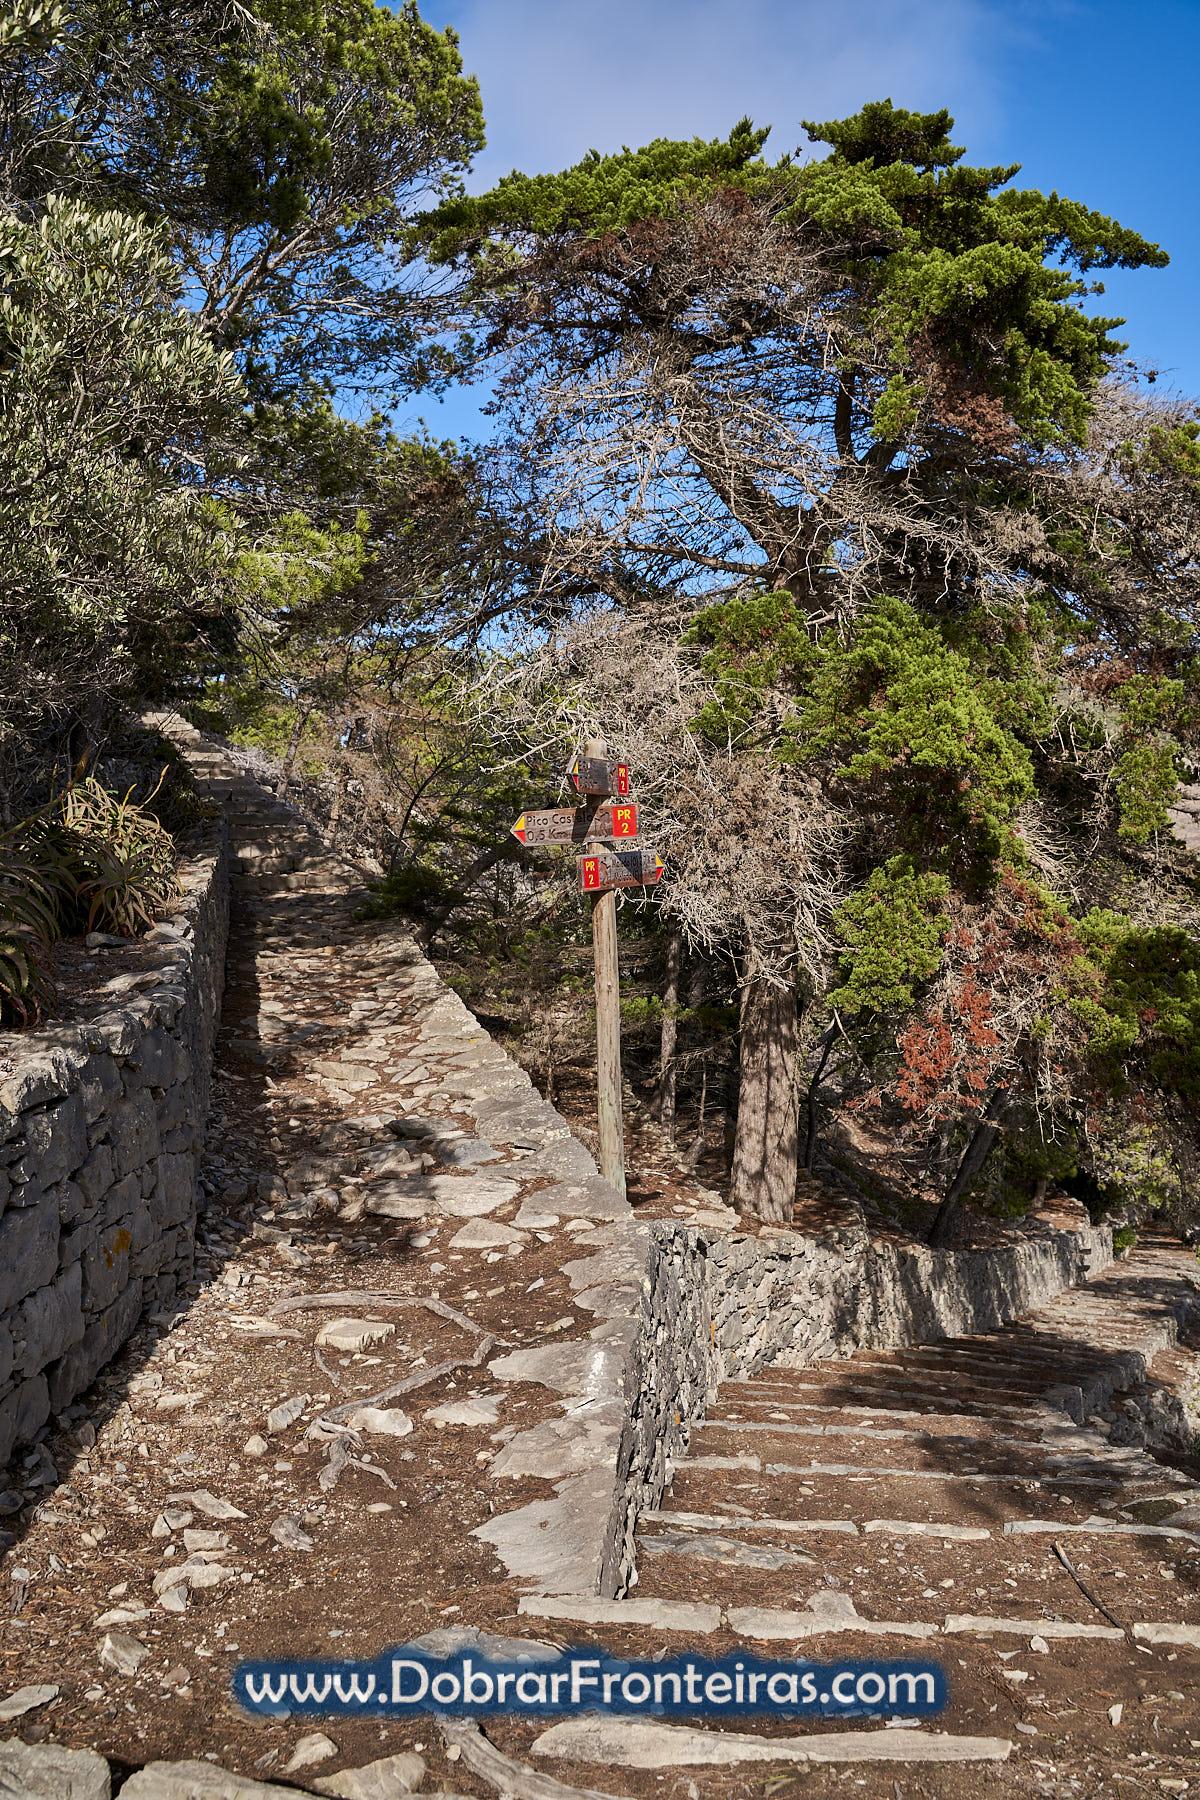 percurso pedestre do Pico Castelo no Porto Santo